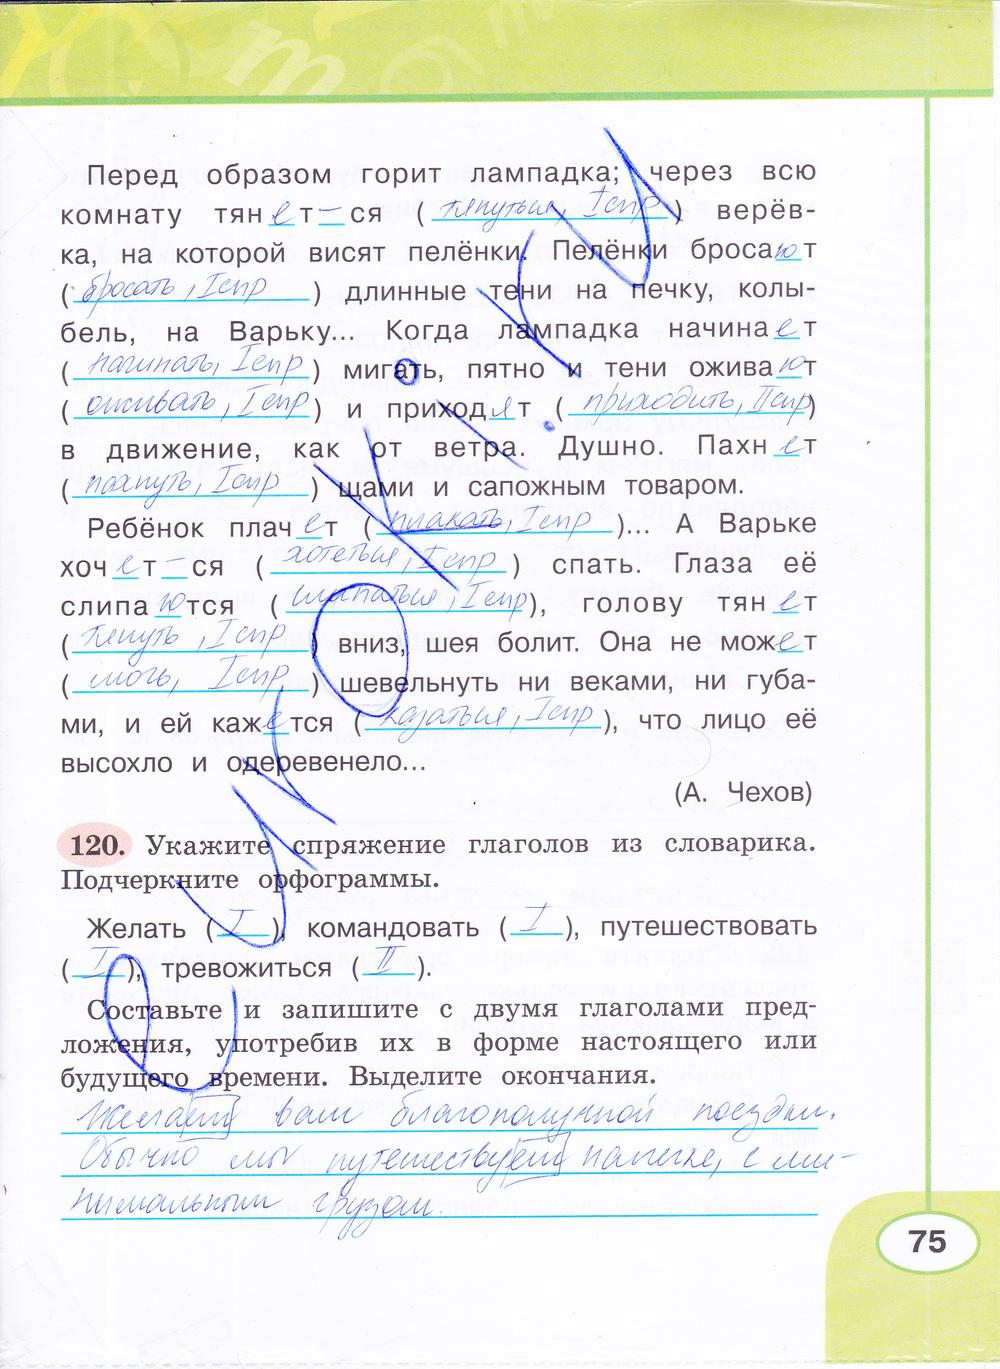 гдз по русском языку 4 класс 2 часть л ф климанова т в бабушкина